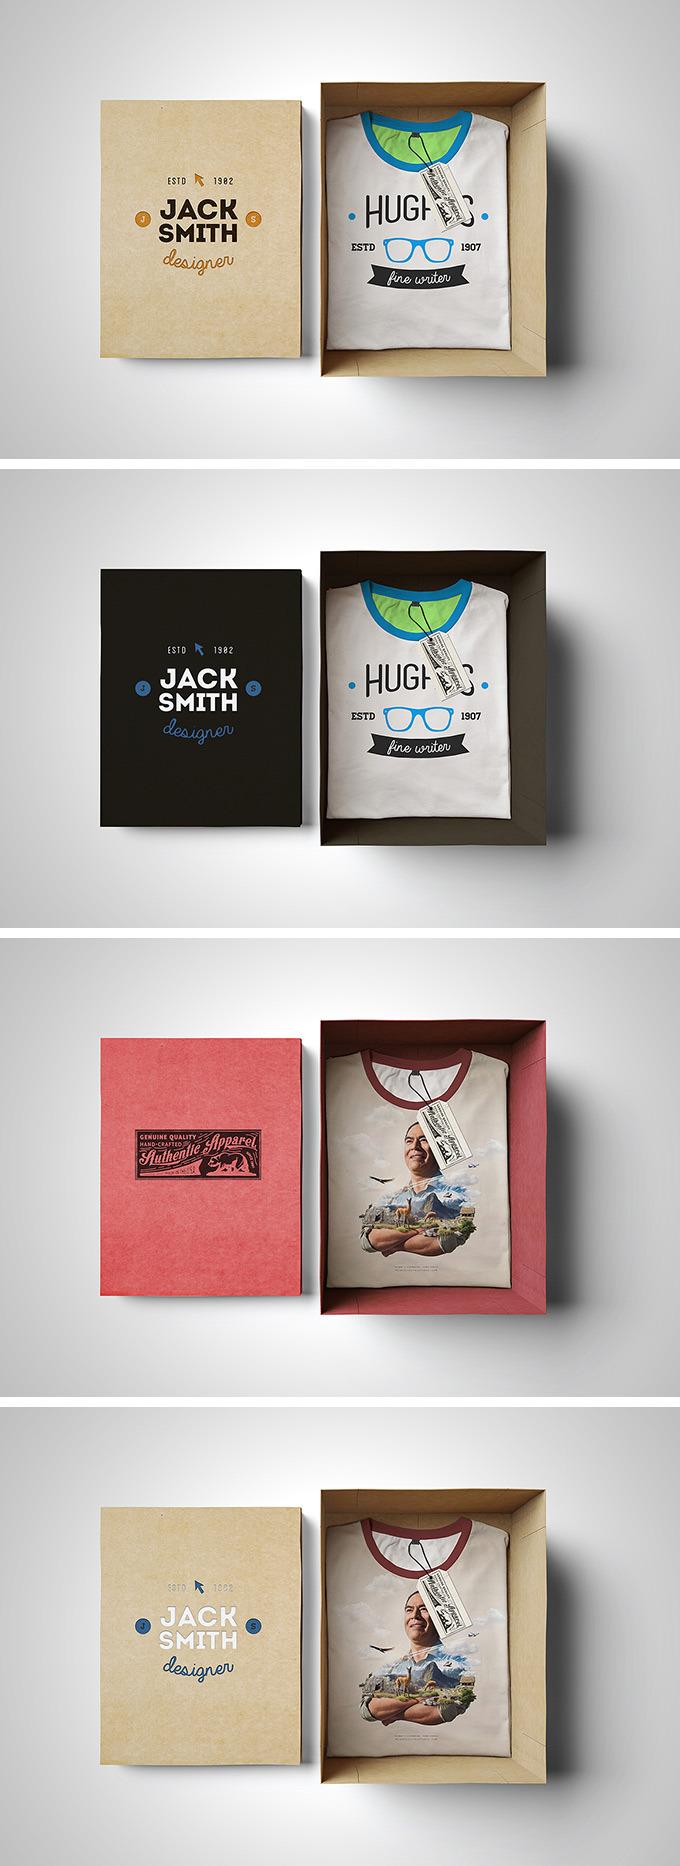 티셔츠 포장 박스 목업 PSD - Free PSD T-Shirt Box Mockup